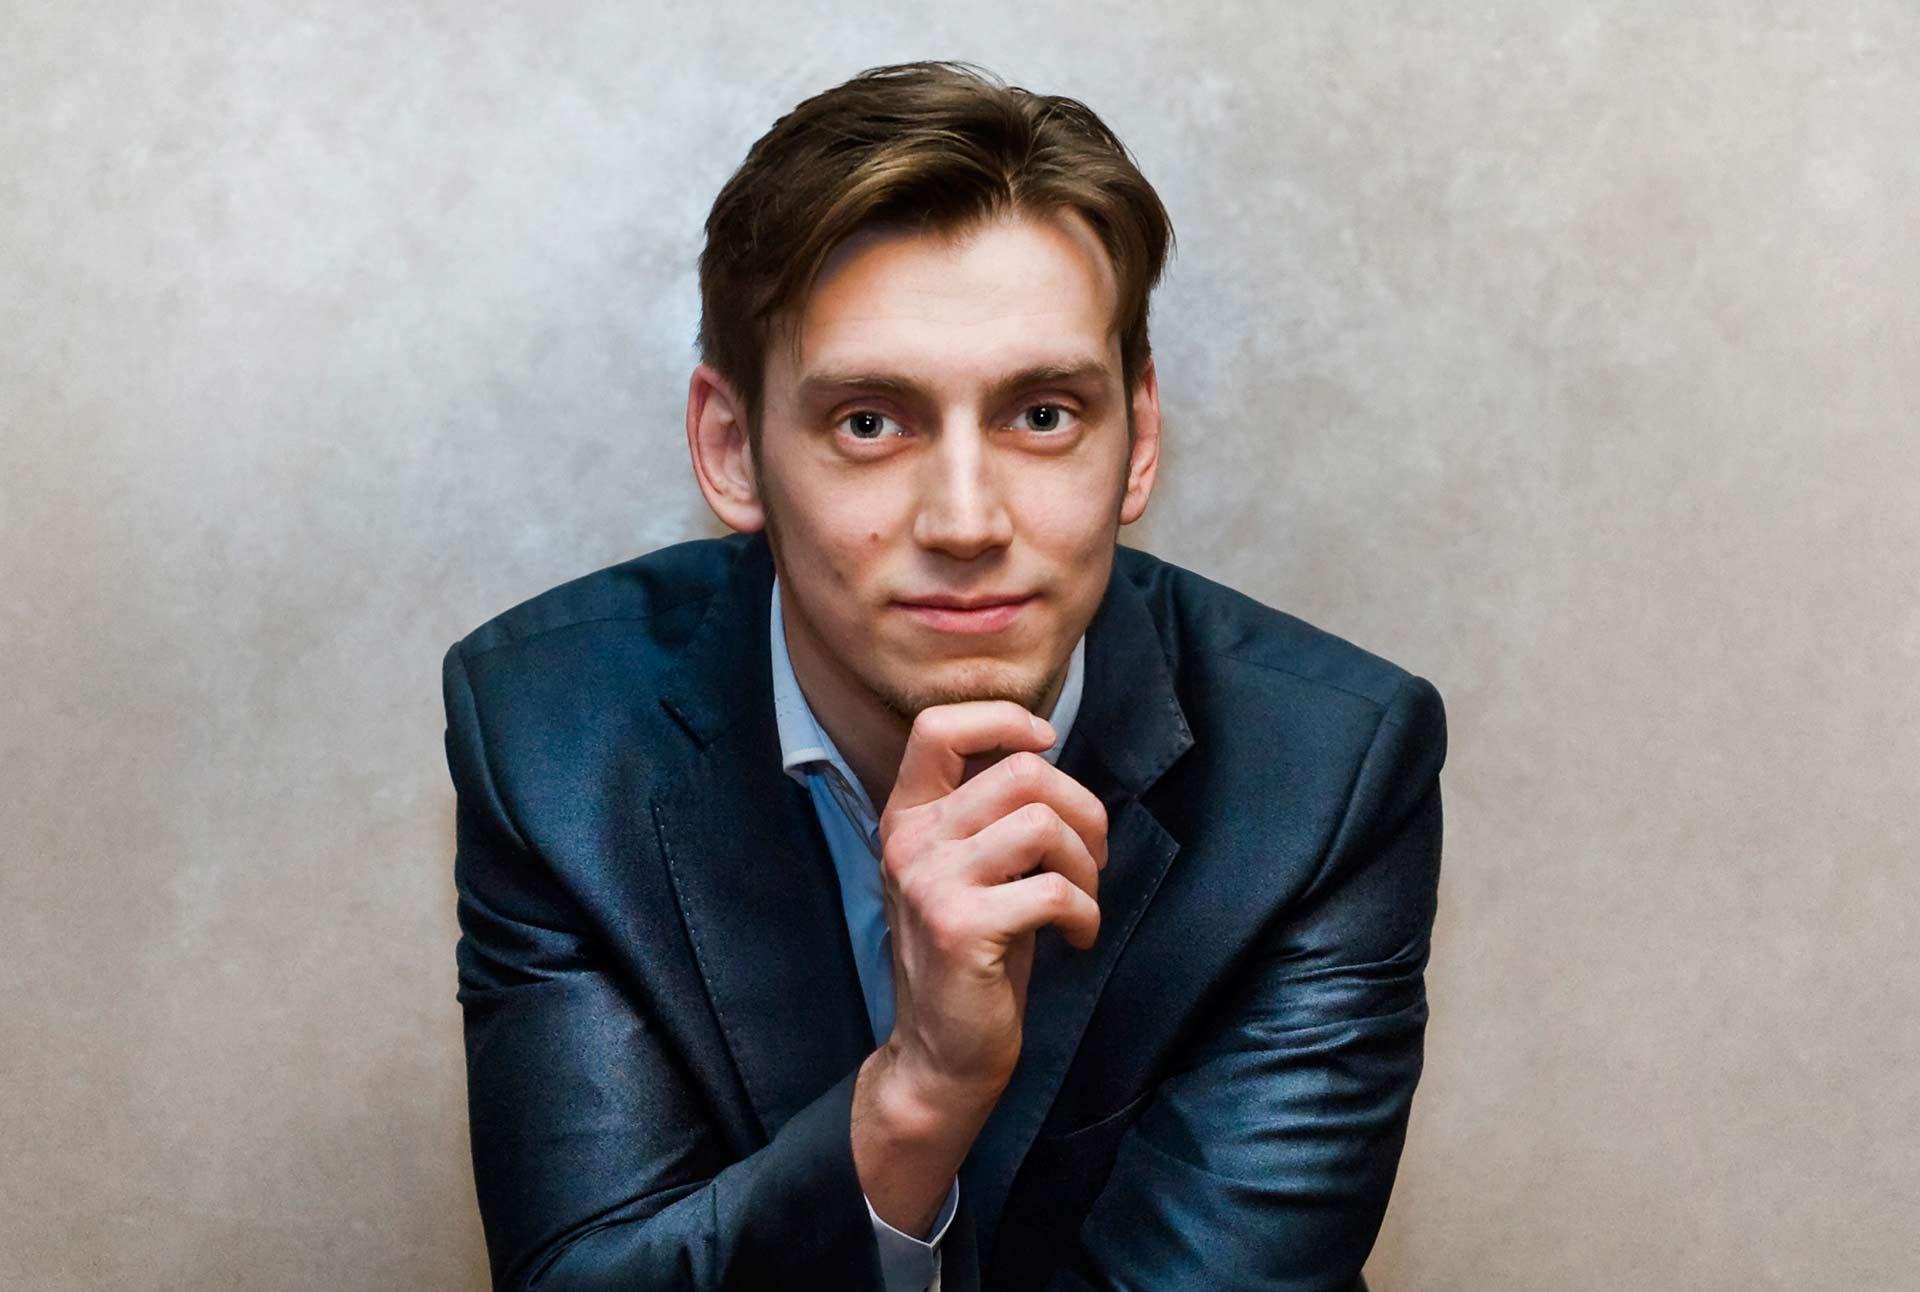 Дмитрий Толоконников, бизнес-аналитик департамента ИТ-аутсорсинга ALP Group